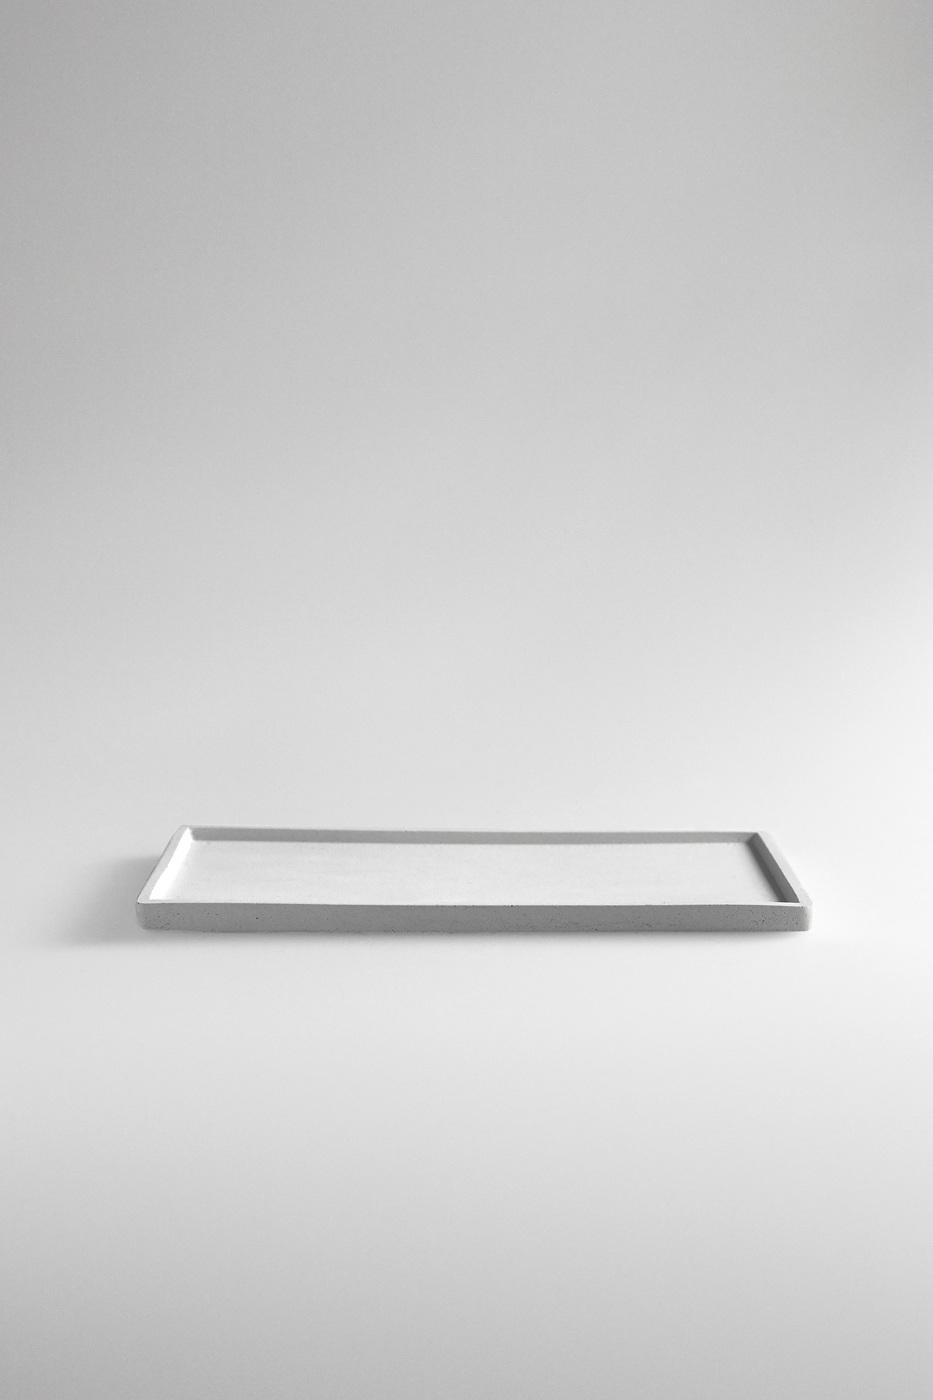 white rectangular concrete tray